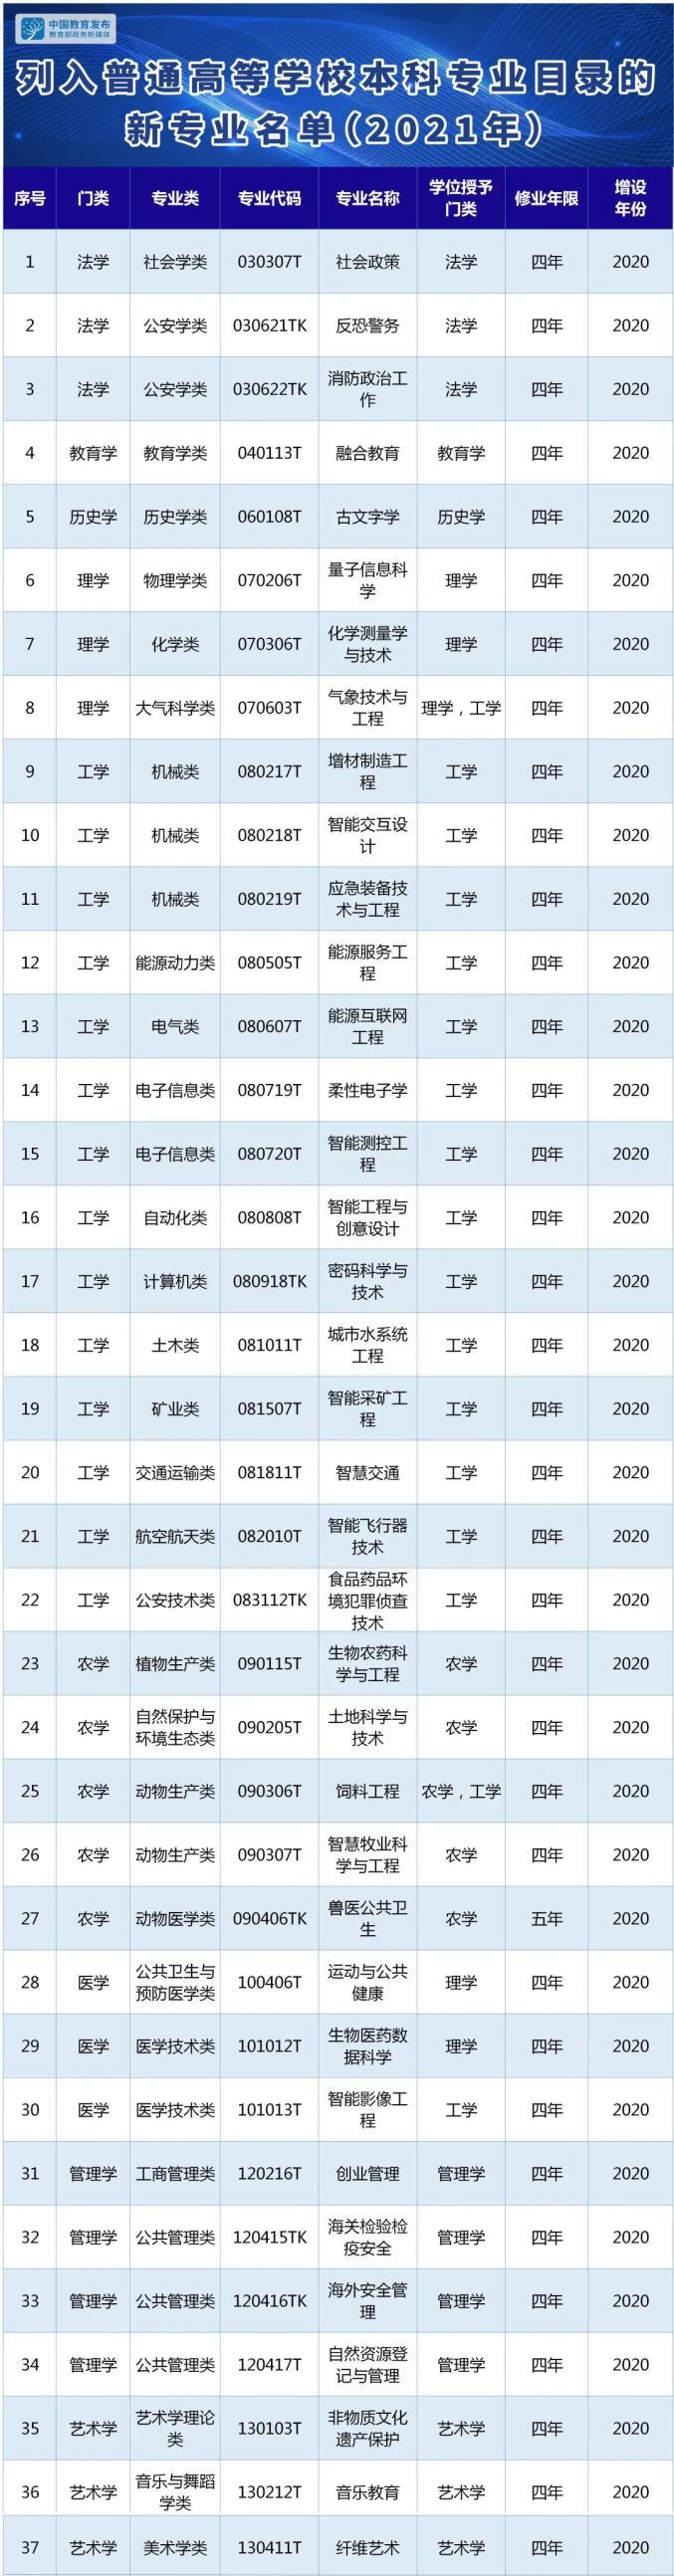 2021年本科新专业名单出炉佳木斯电脑学校!我省9所本科高校新增23个专业